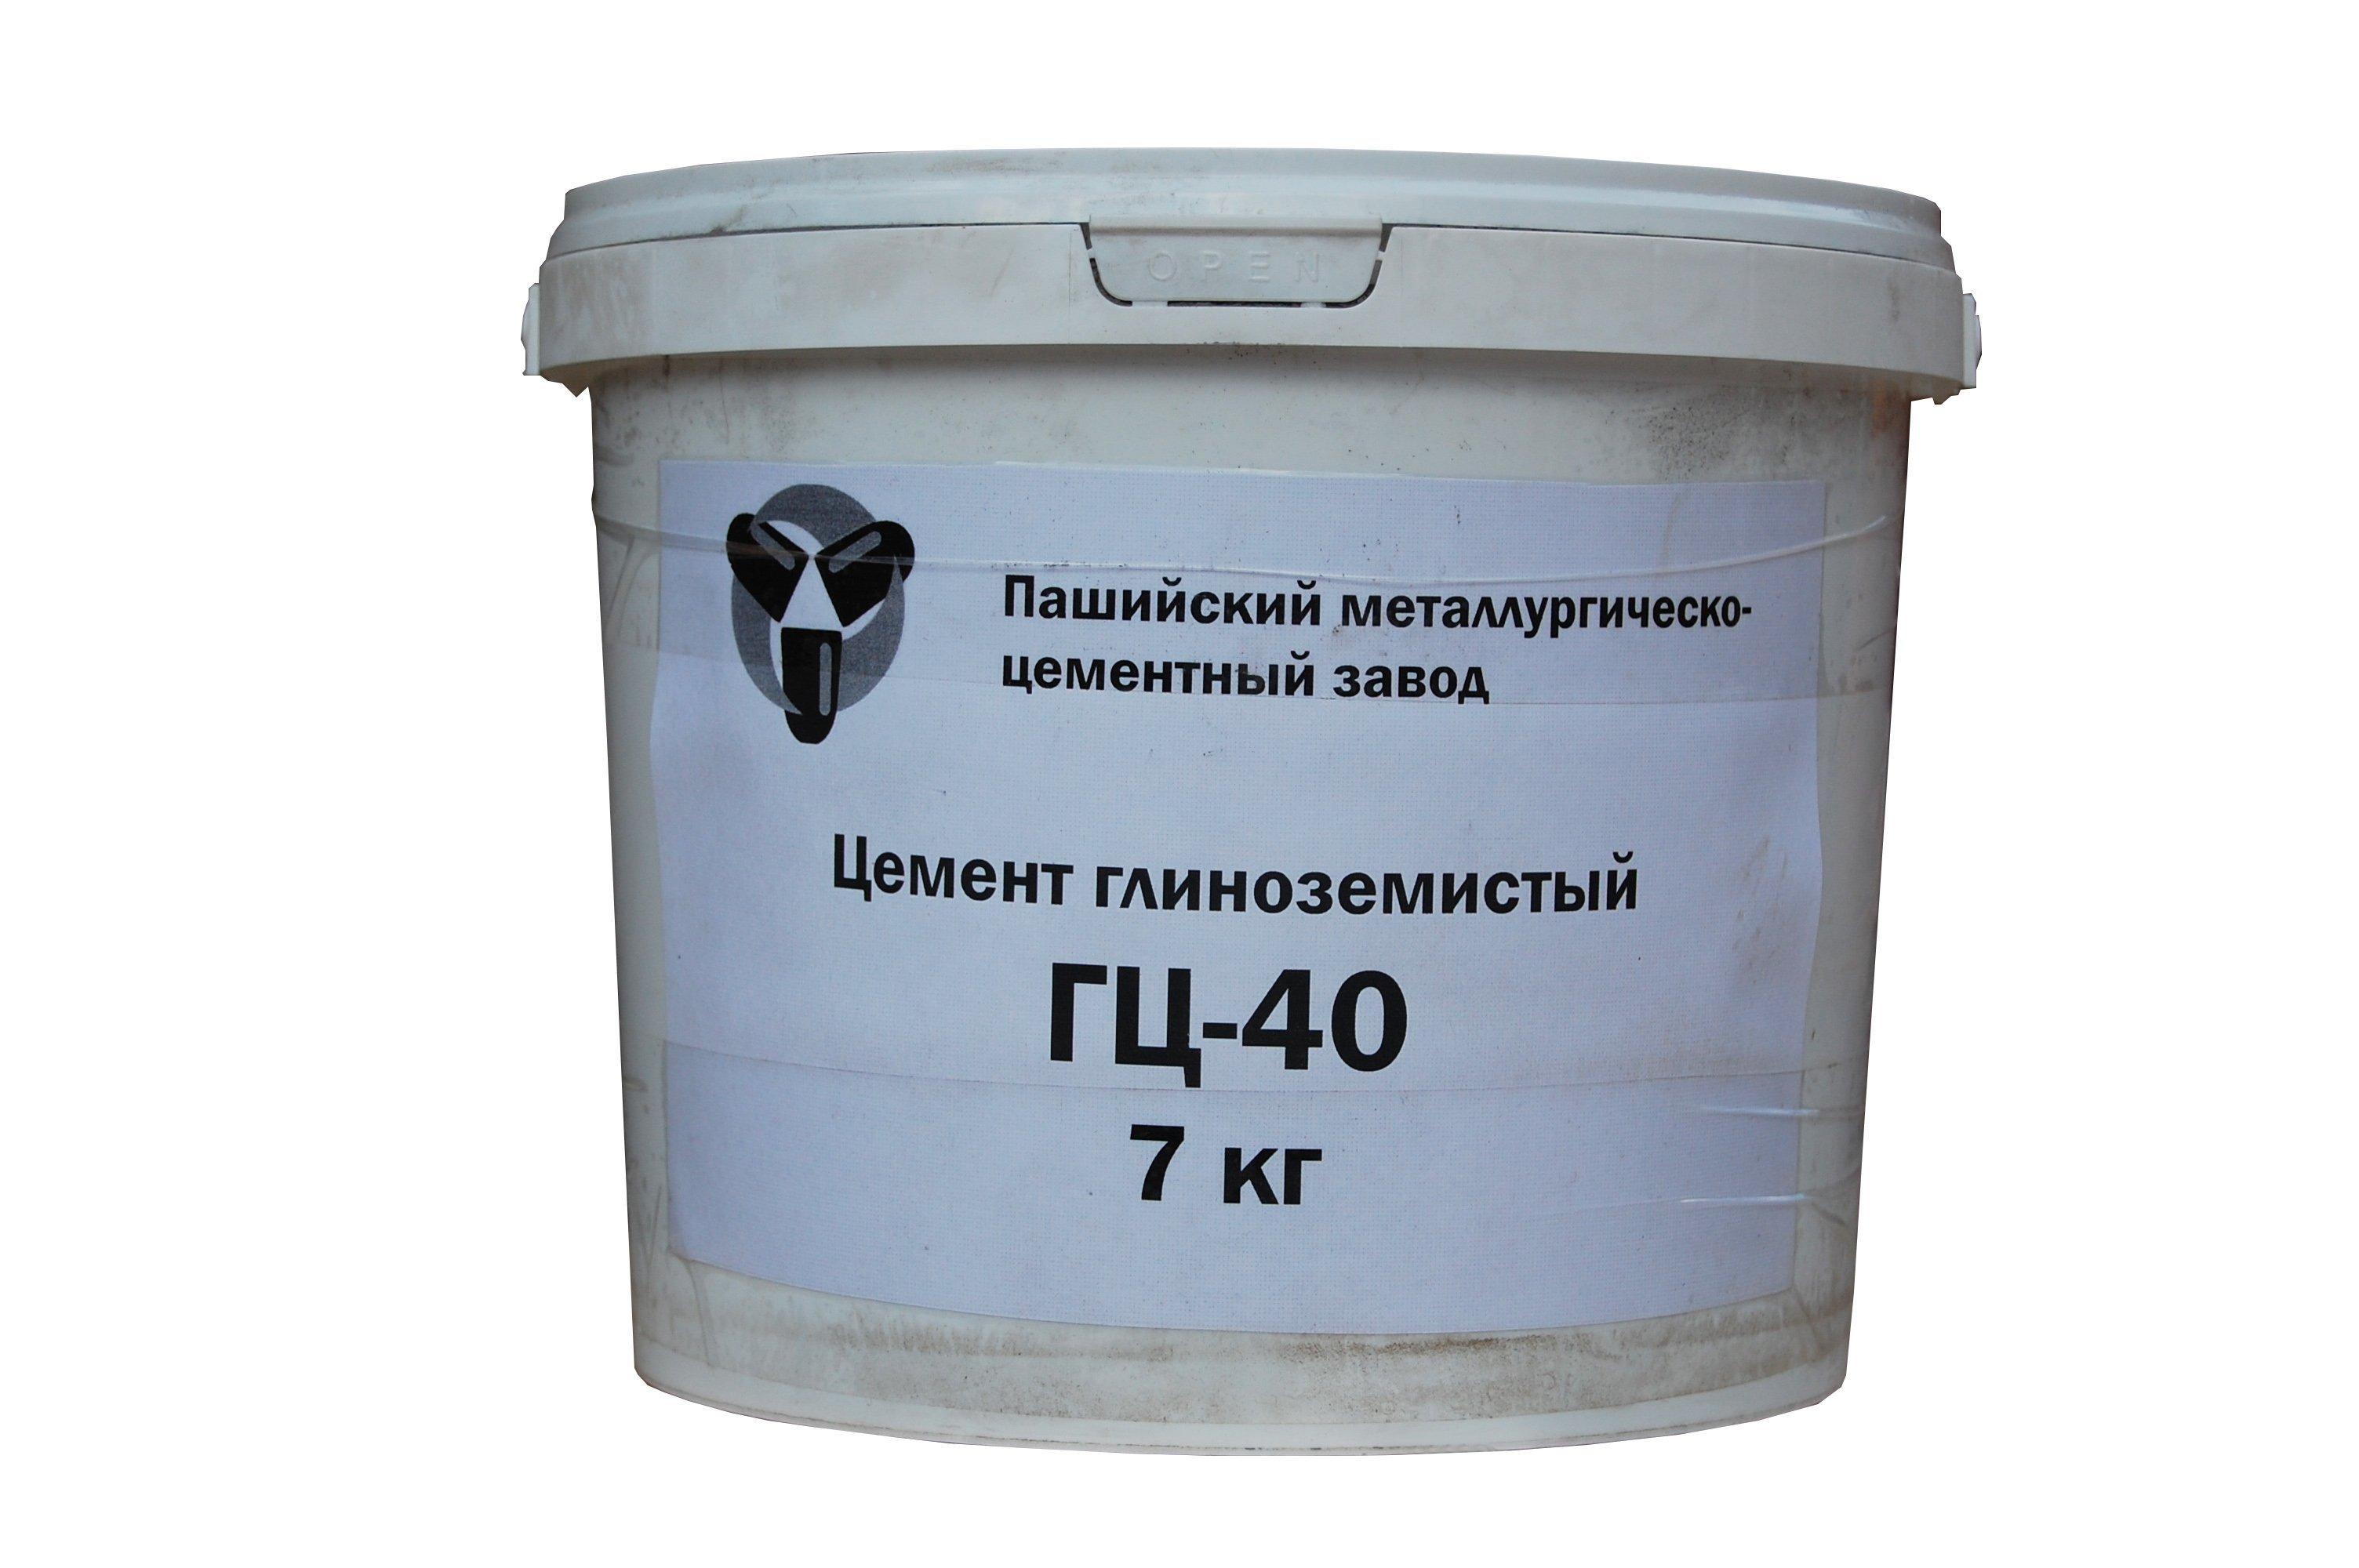 Смеси печные Пашийский металлургическо-цементный завод Цемент глиноземистый ГЦ-40, ведро (7 кг)